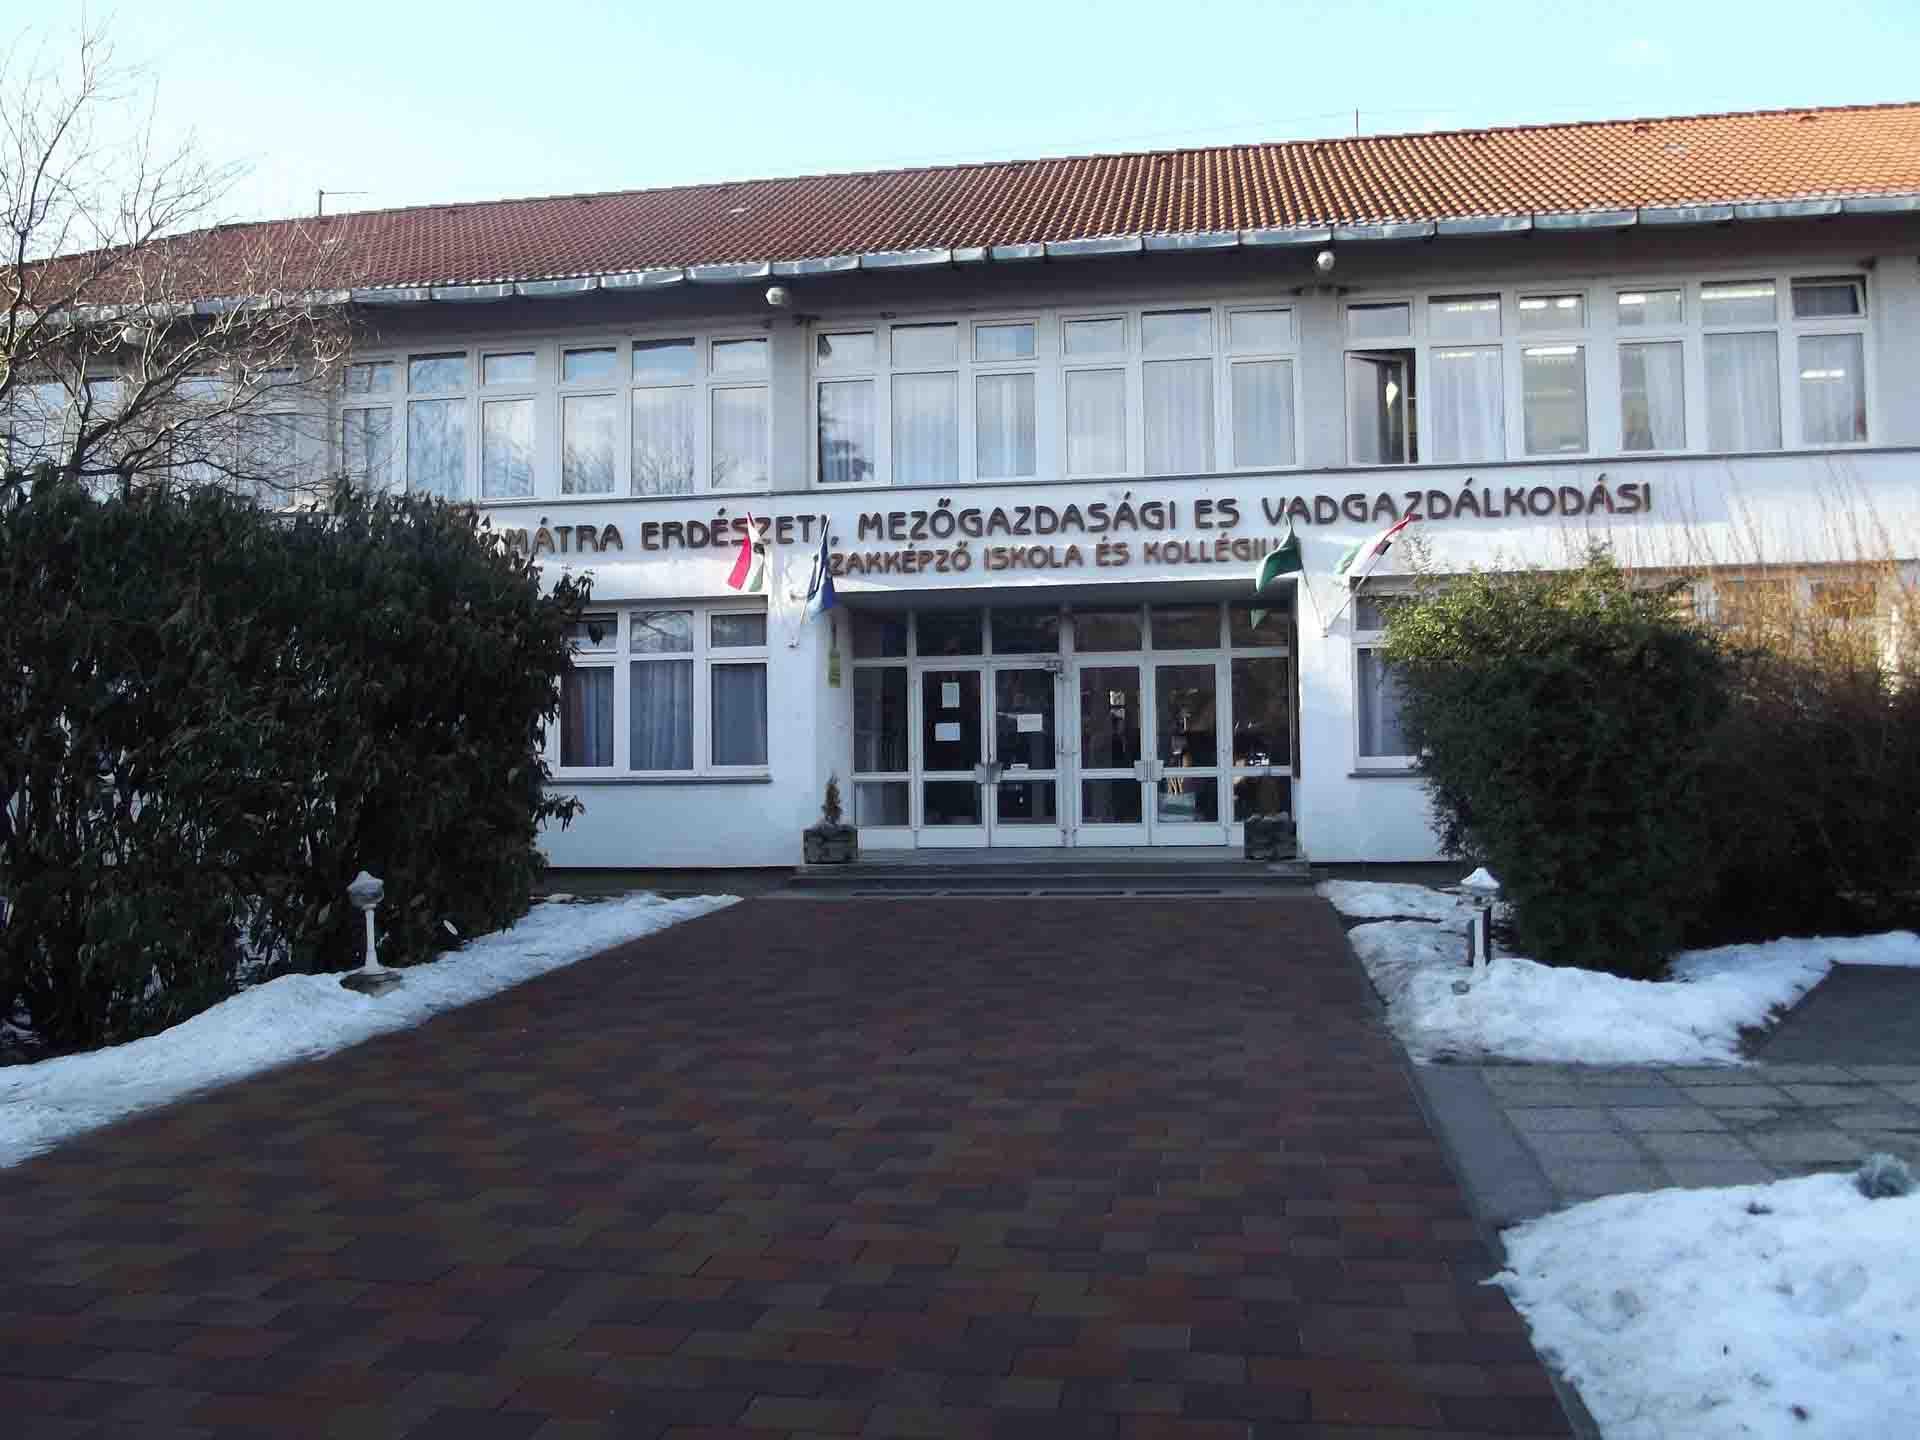 Vadas Jenő Erdészeti, Mezőgazdasági és Vadgazdálkodási Szakképző Iskola